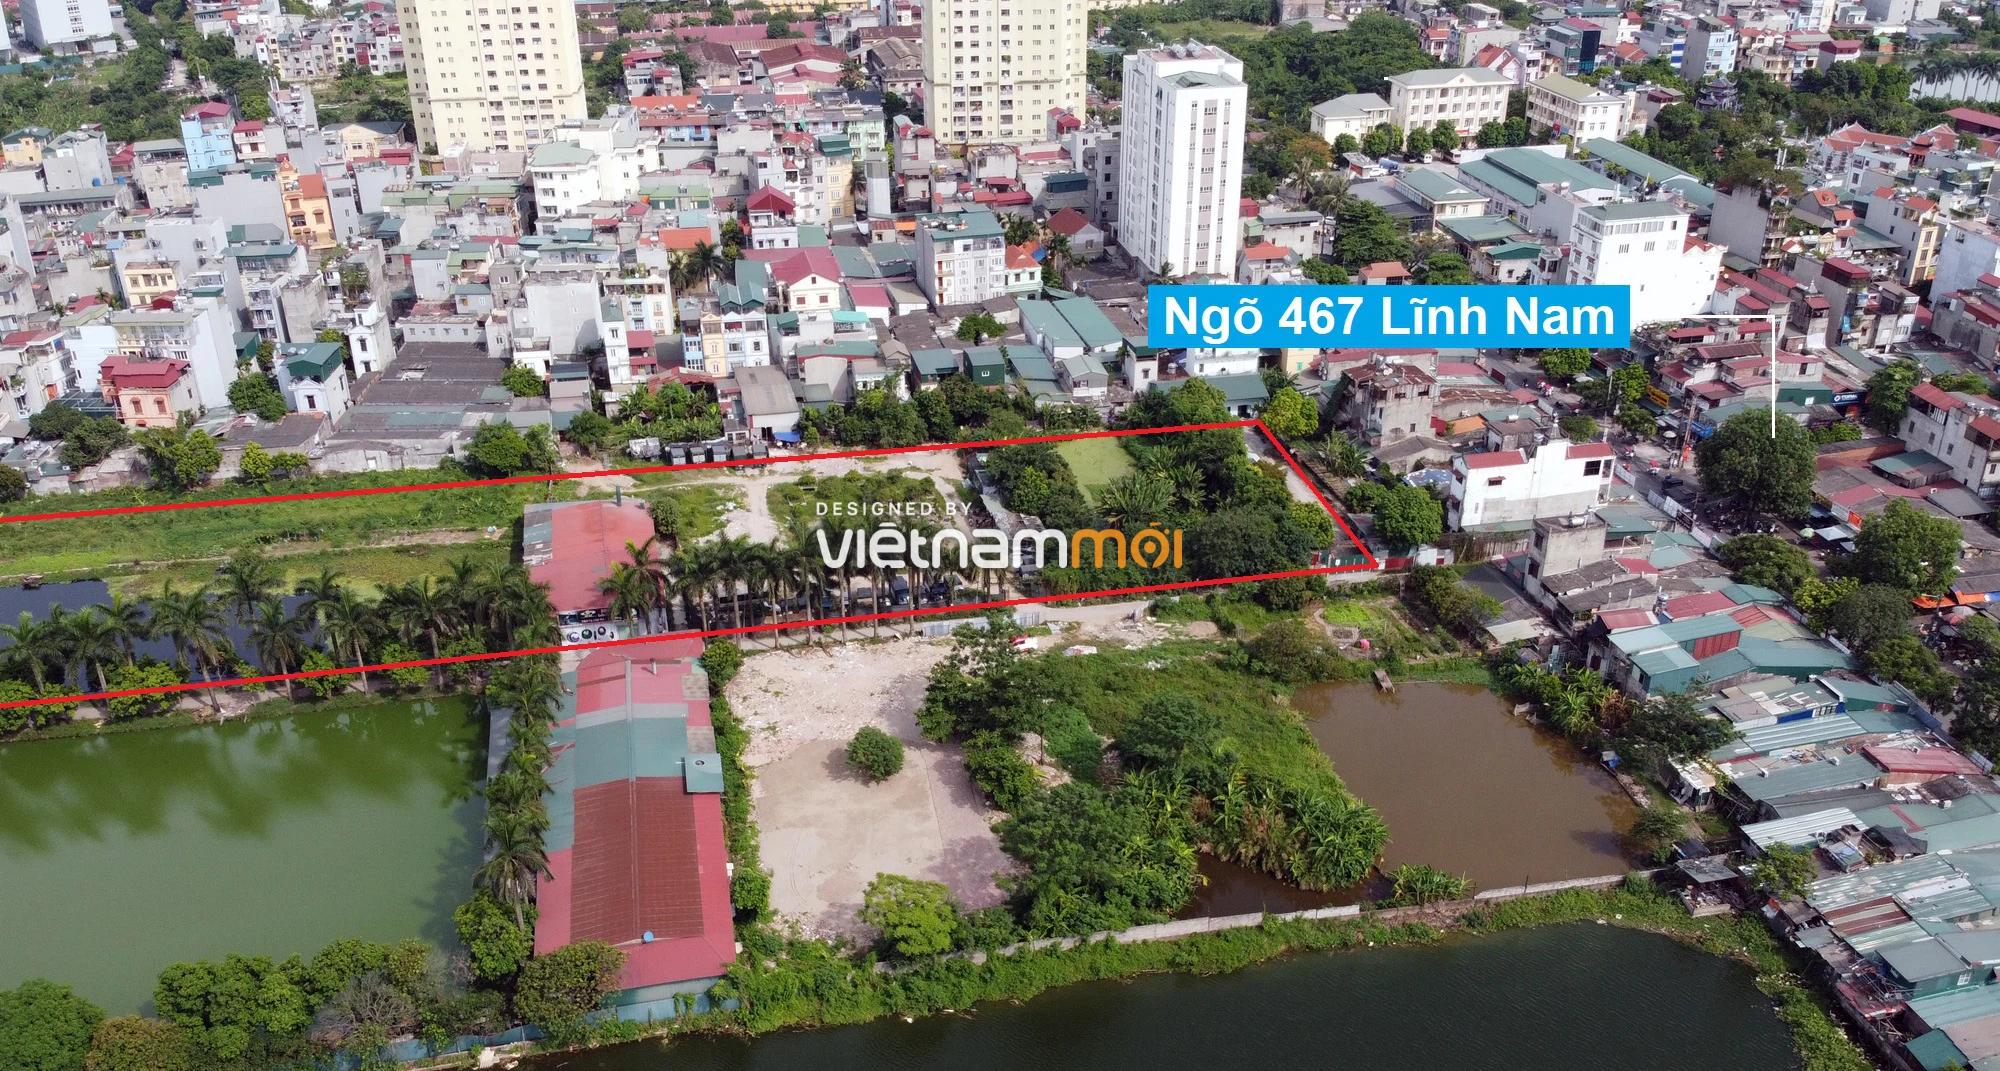 Những khu đất sắp thu hồi để mở đường ở quận Hoàng Mai, Hà Nội (phần 1) - Ảnh 10.